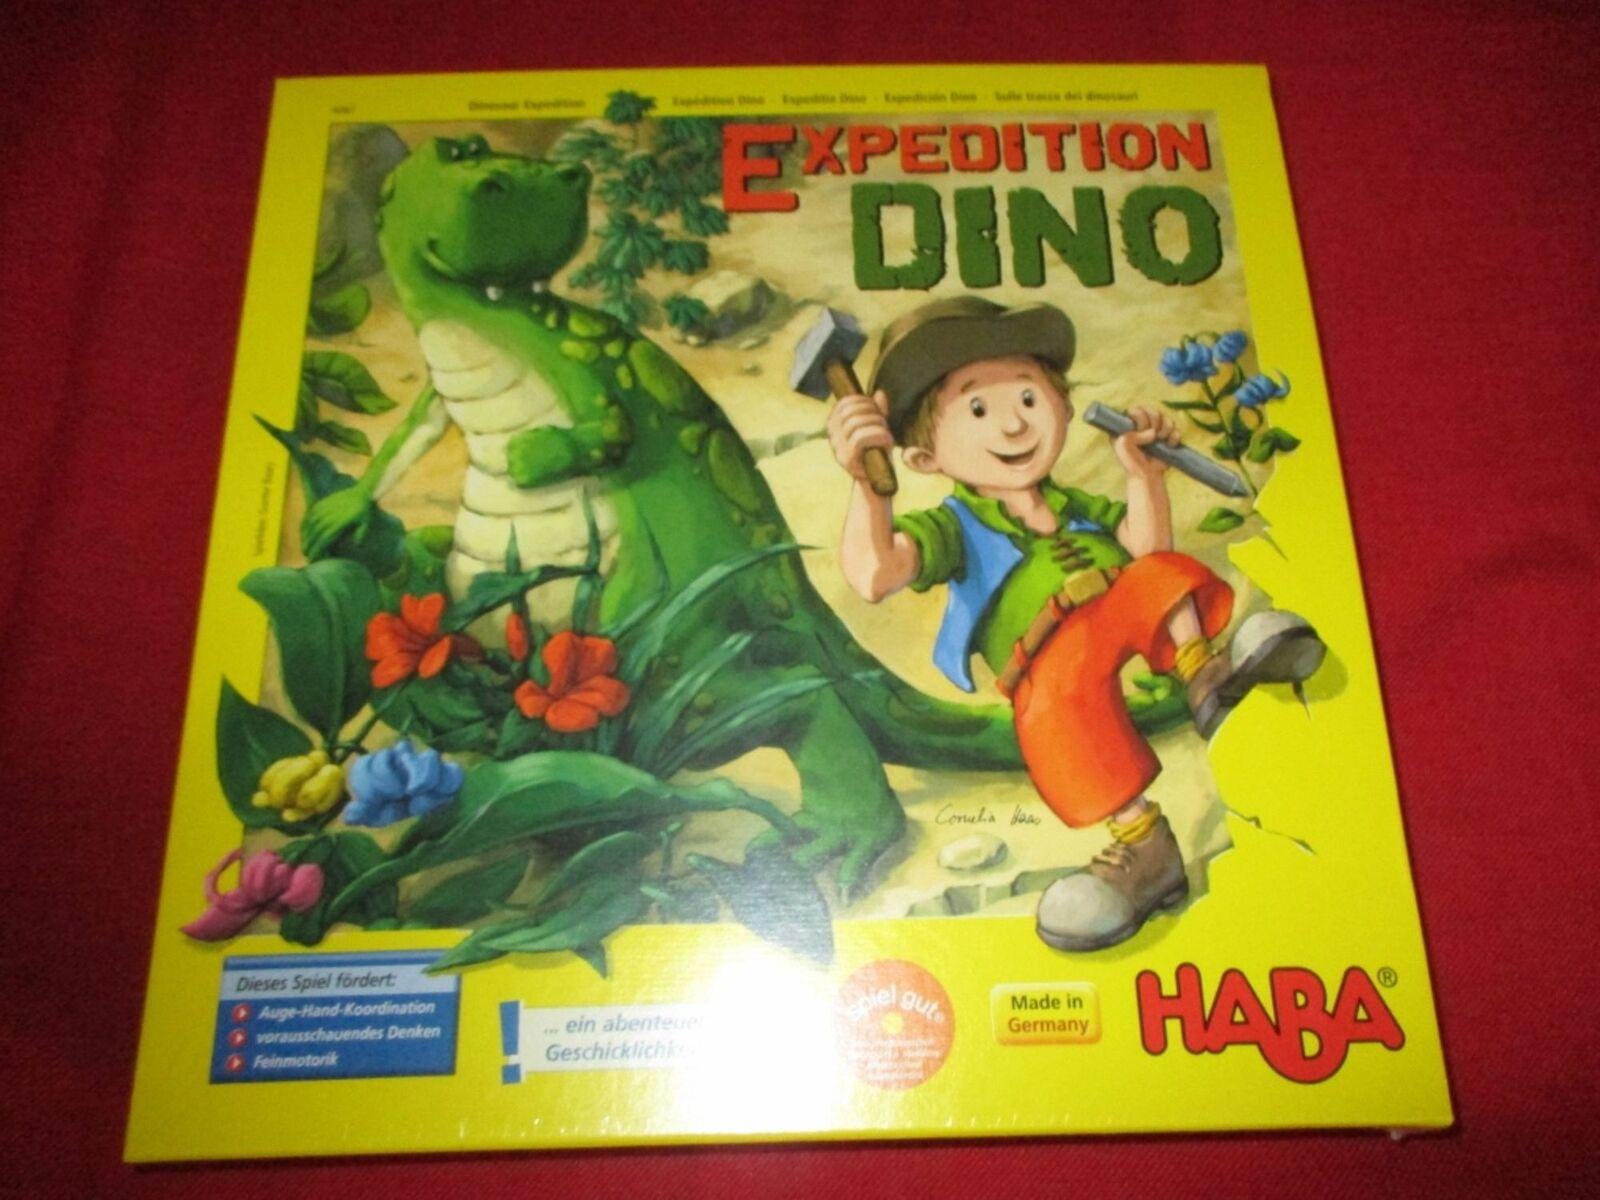 Haba ® 4087 juego de mesa Expedition Dino nuevo embalaje original